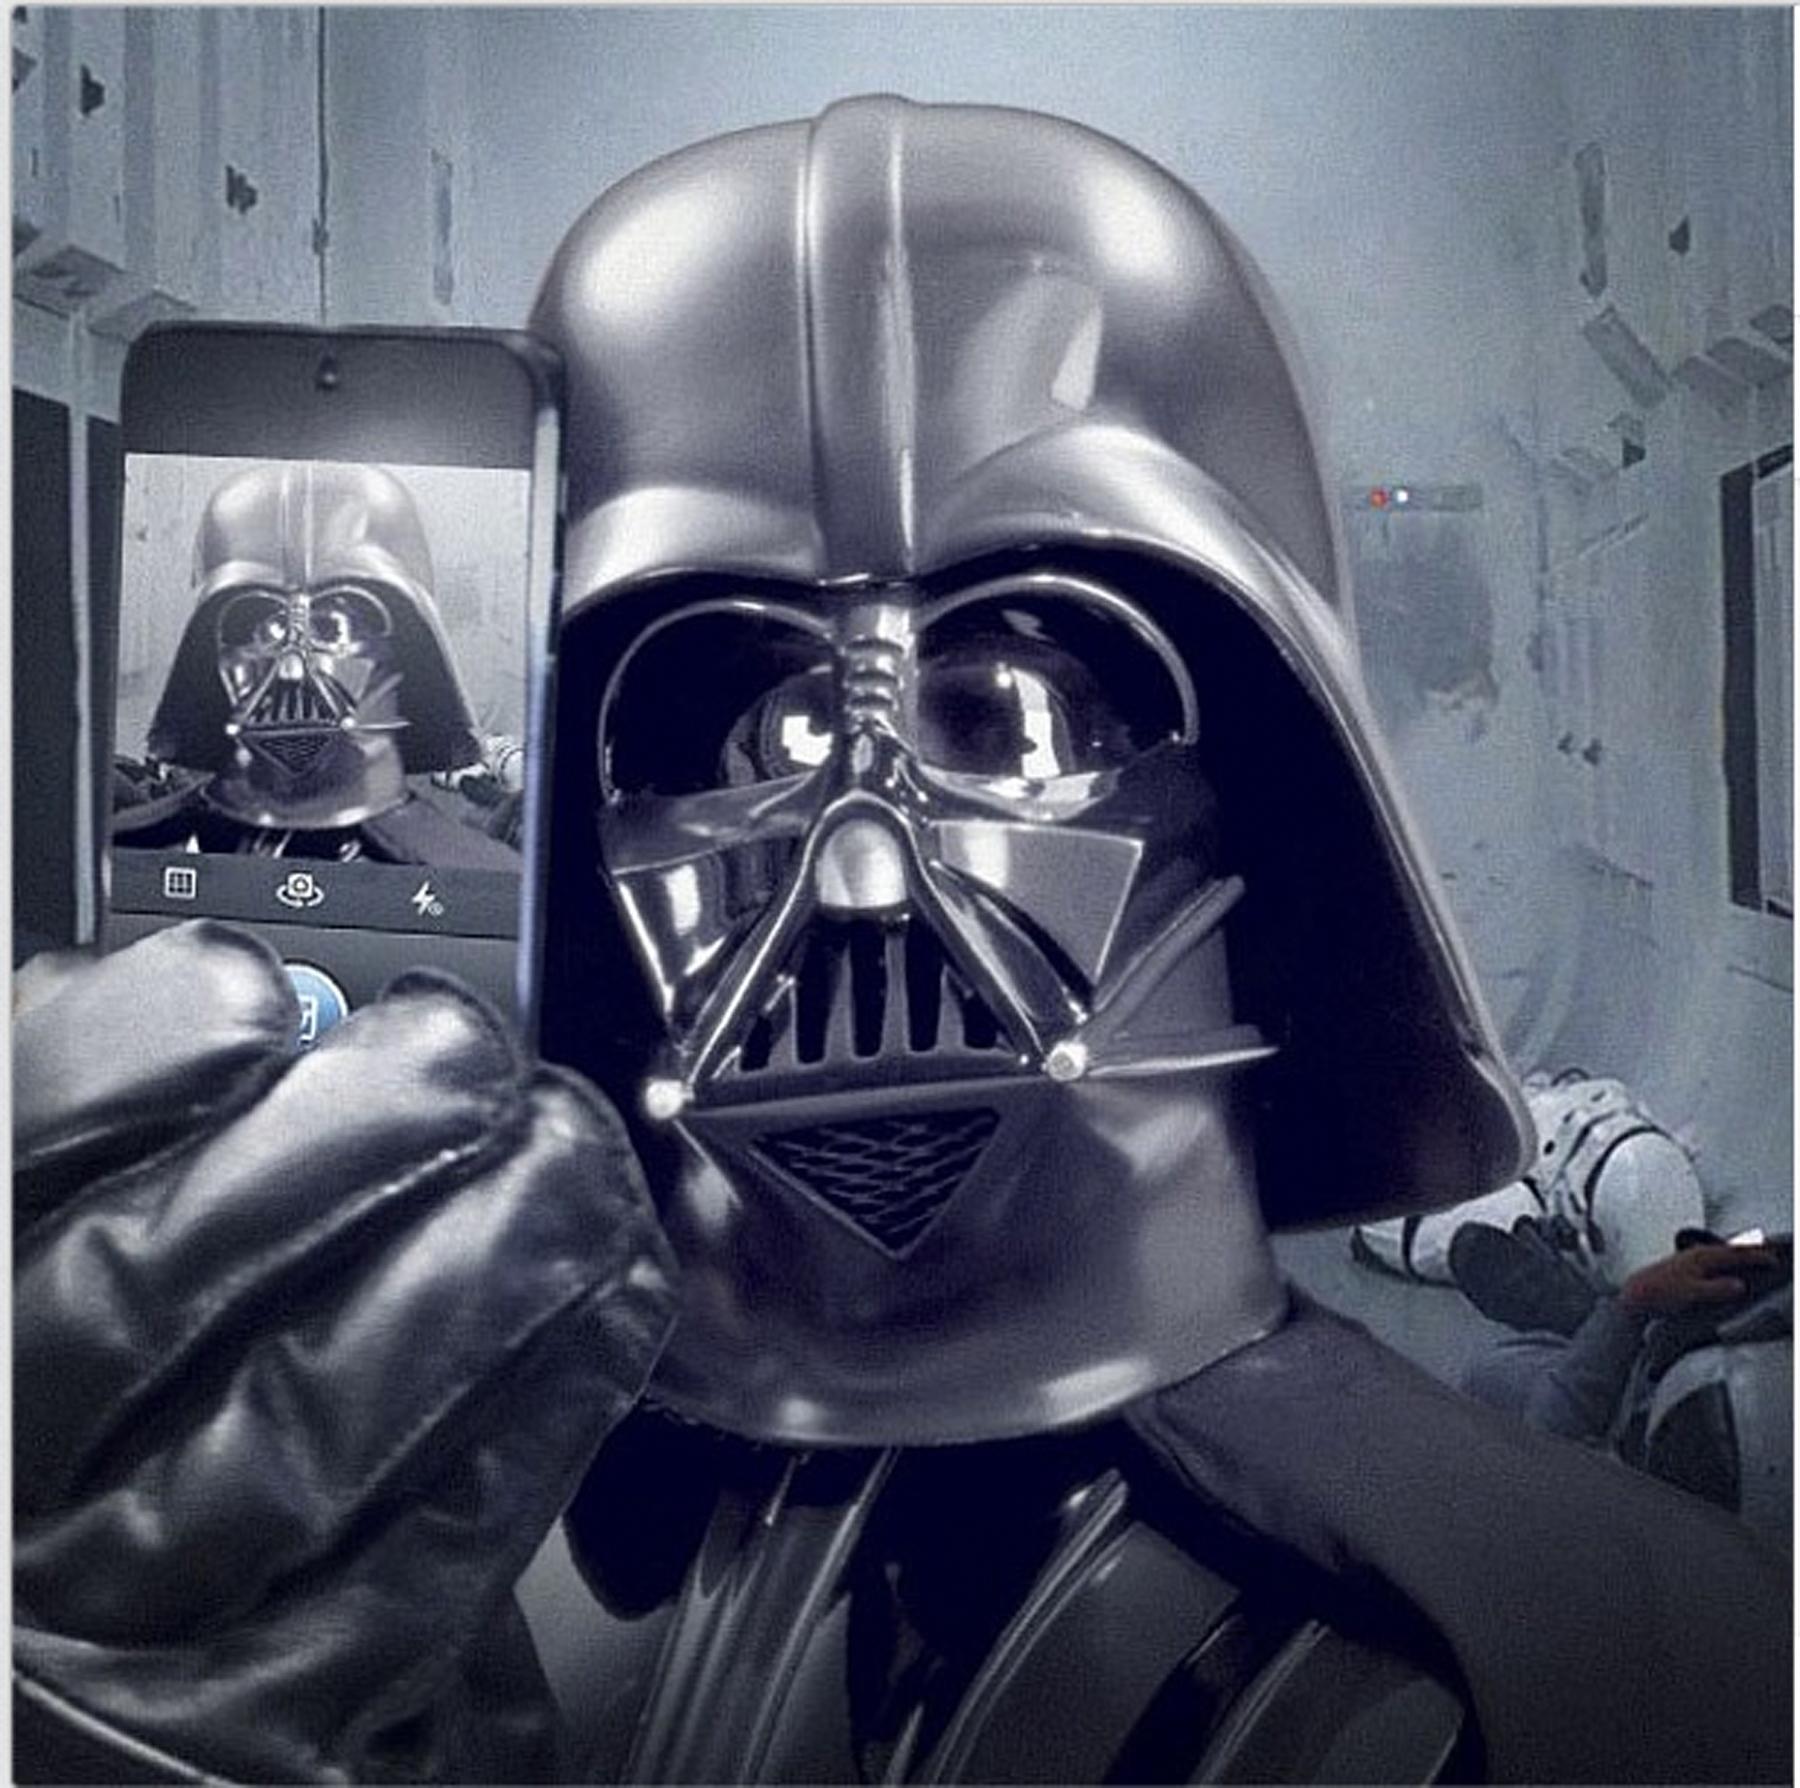 'Star Wars' Shares Darth Vader Selfie